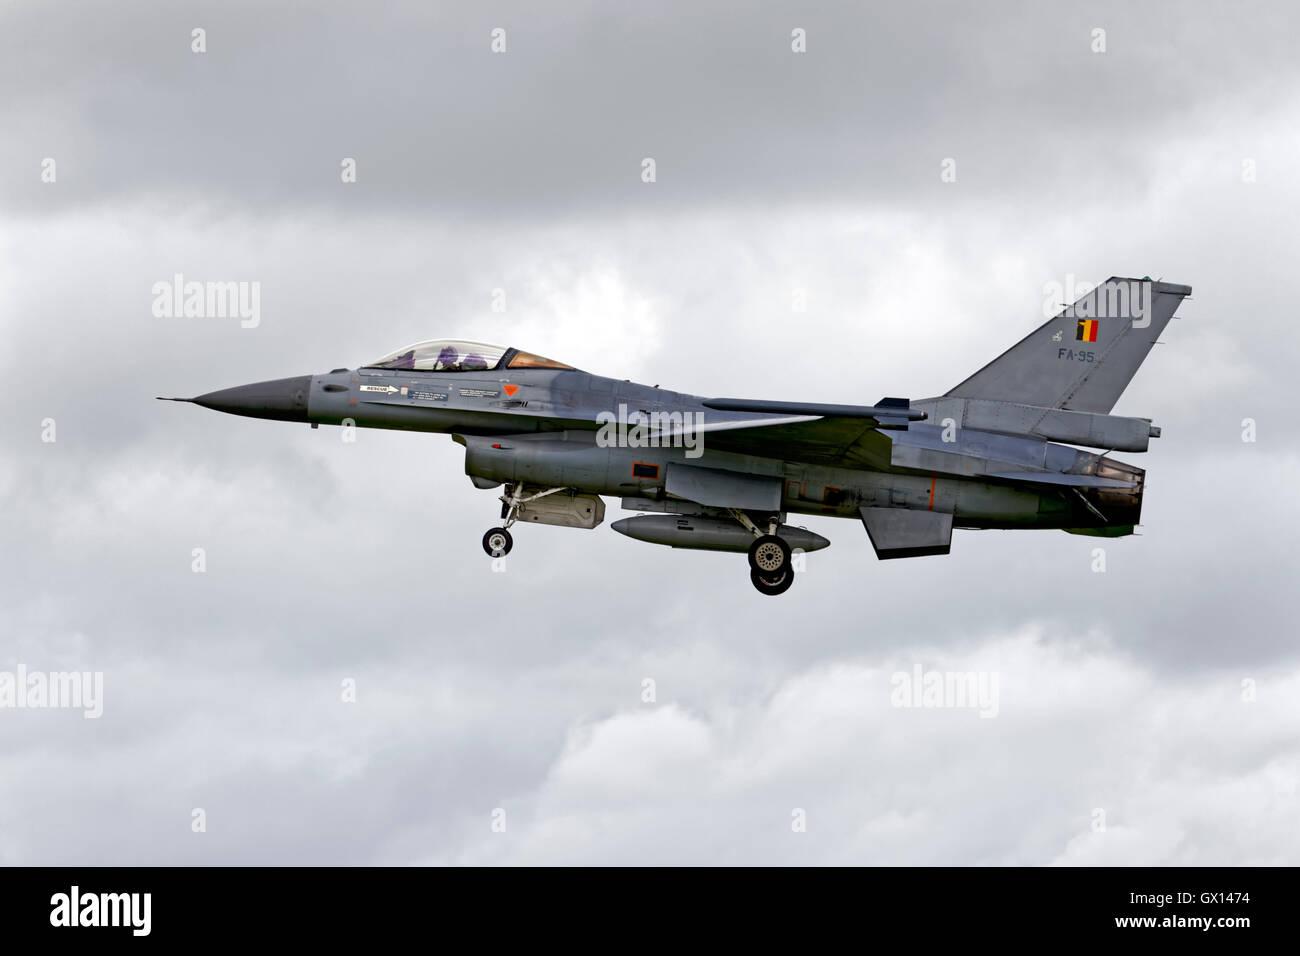 Un belga componente aria General Dynamics F-16AM, FA-95, sul finale a terra alla rnas yeovilton international air Immagini Stock